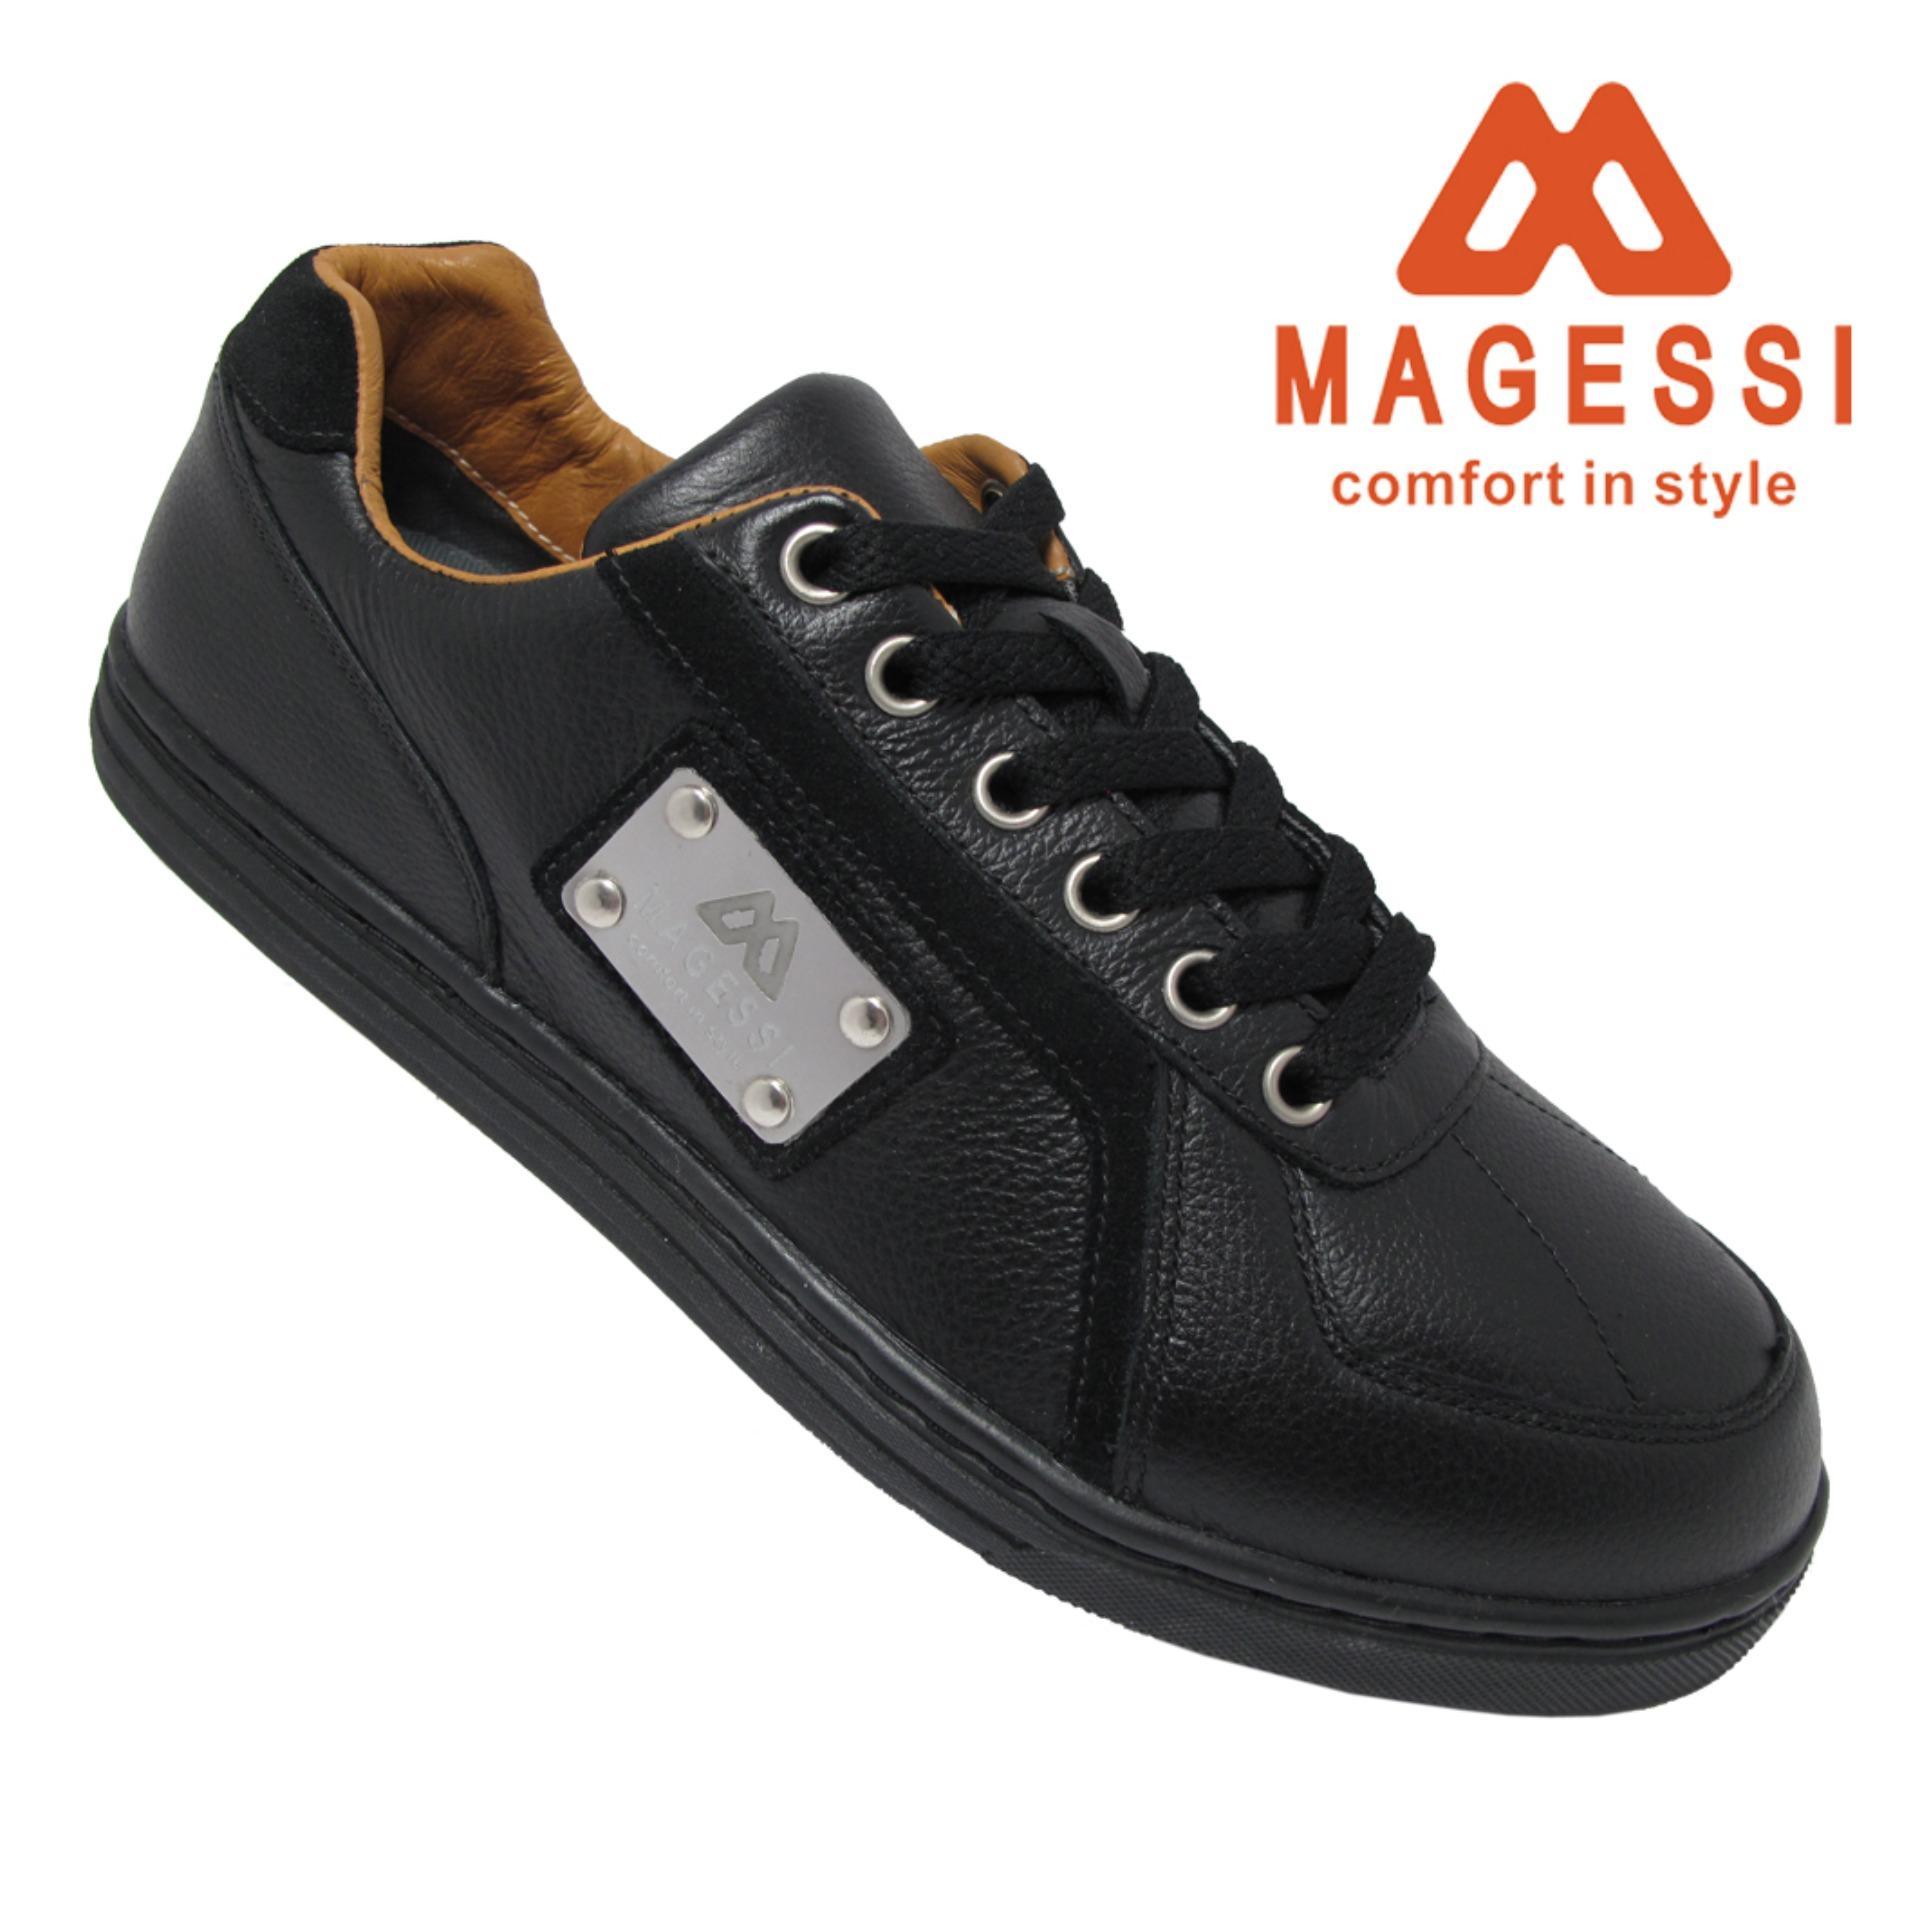 Spesifikasi Magessi Elegance Sepatu Kasual Pria Kulit Black Lengkap Dengan Harga